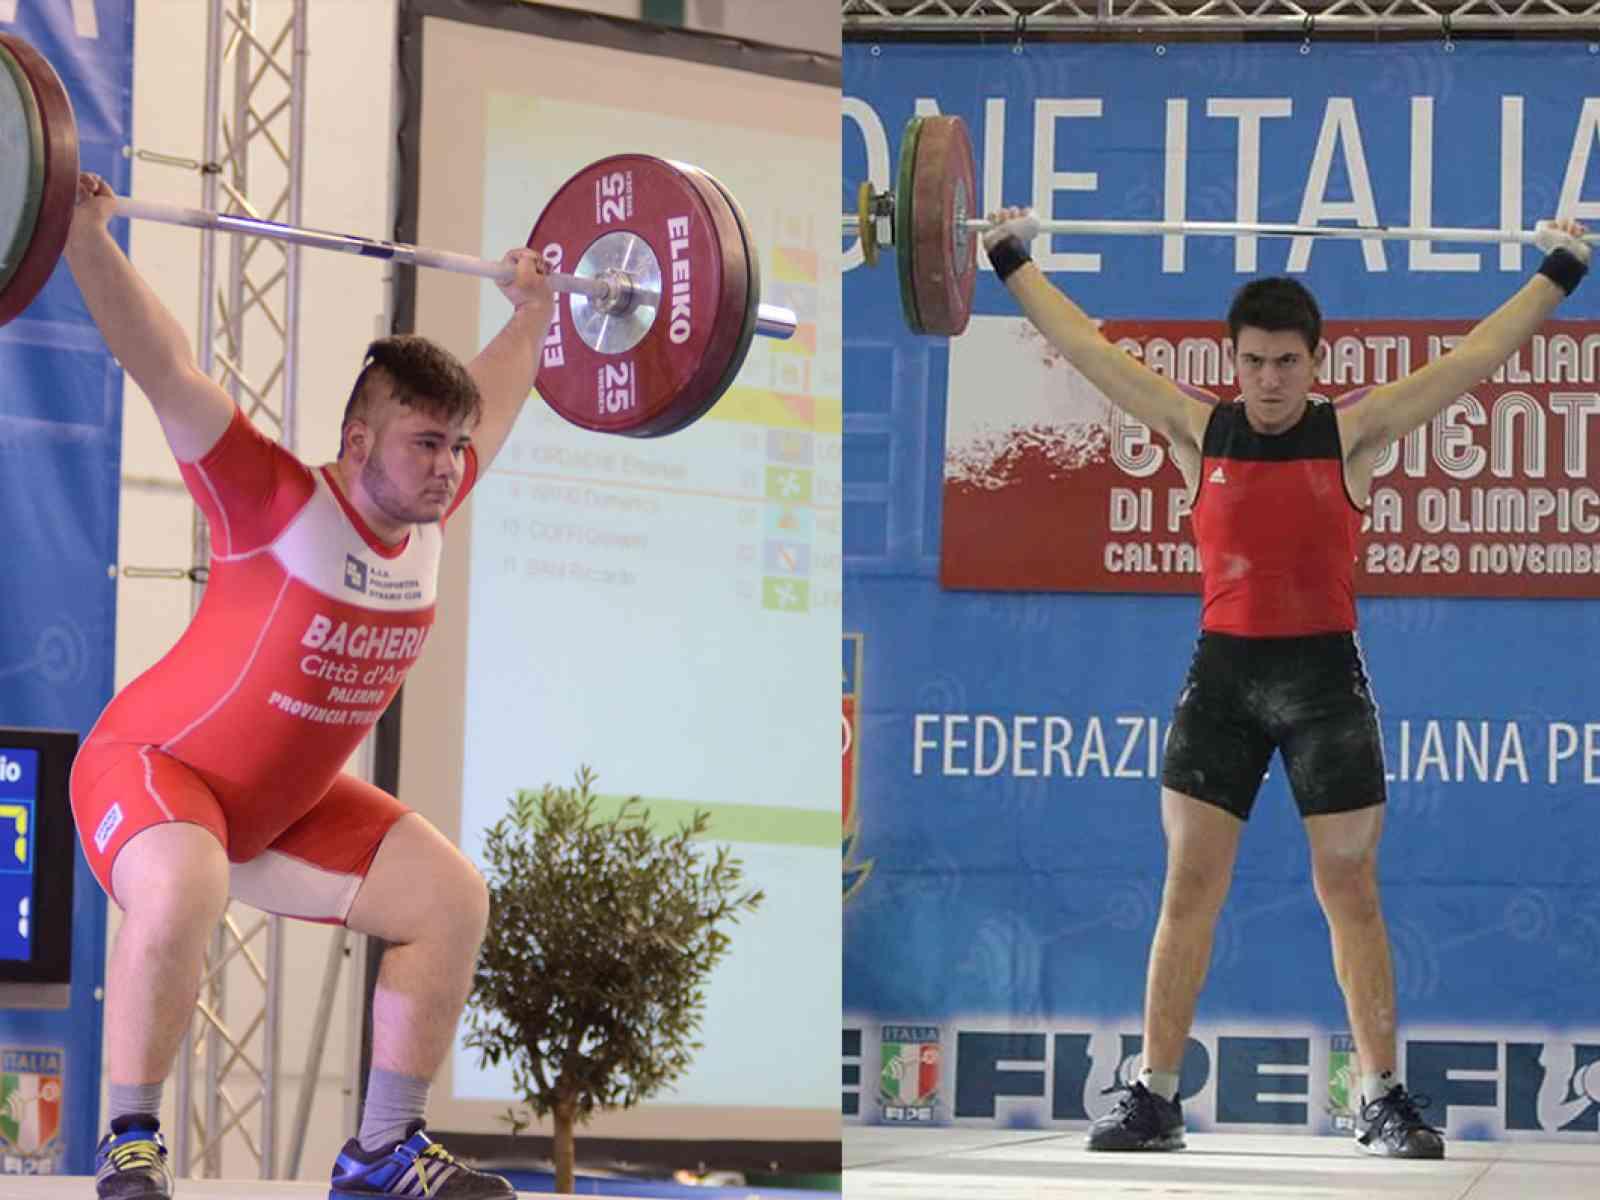 Salaparuta. Sollevamento pesi. Schifano e Pizzolato sono campioni italiani under 15